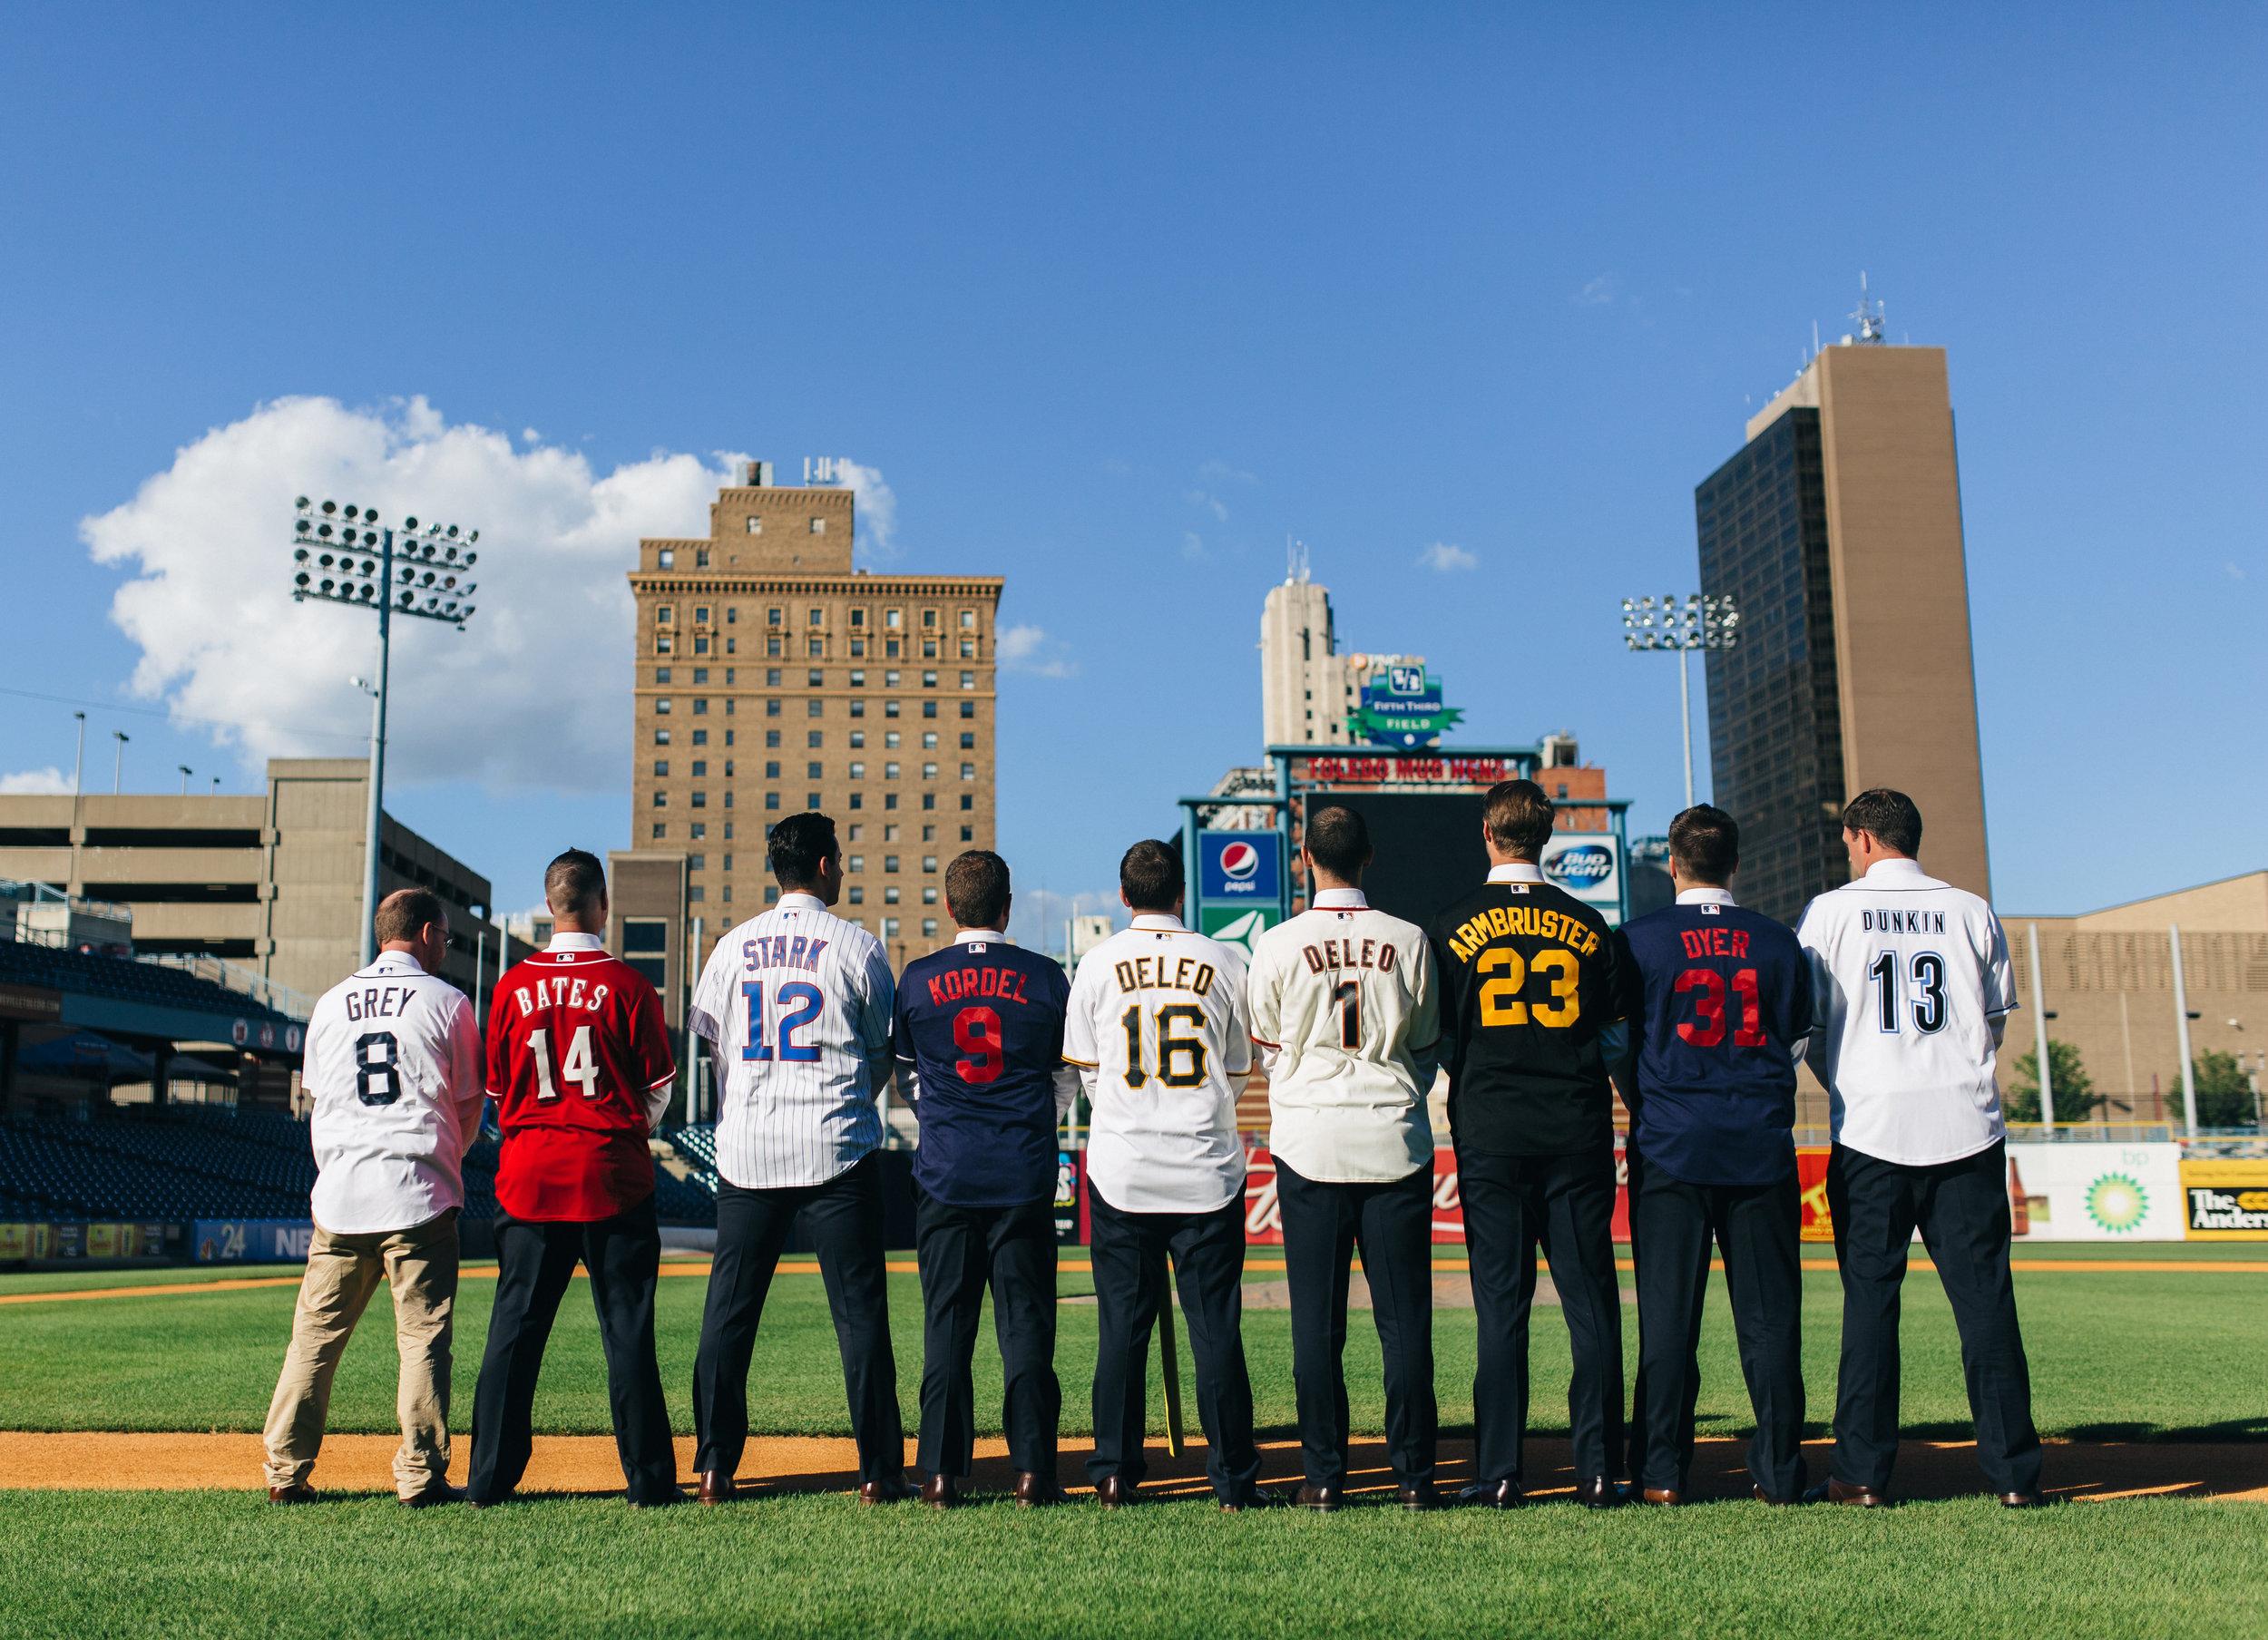 Groomsmen in baseball jerseys at the Mudhen's Stadium in Toledo, Ohio.